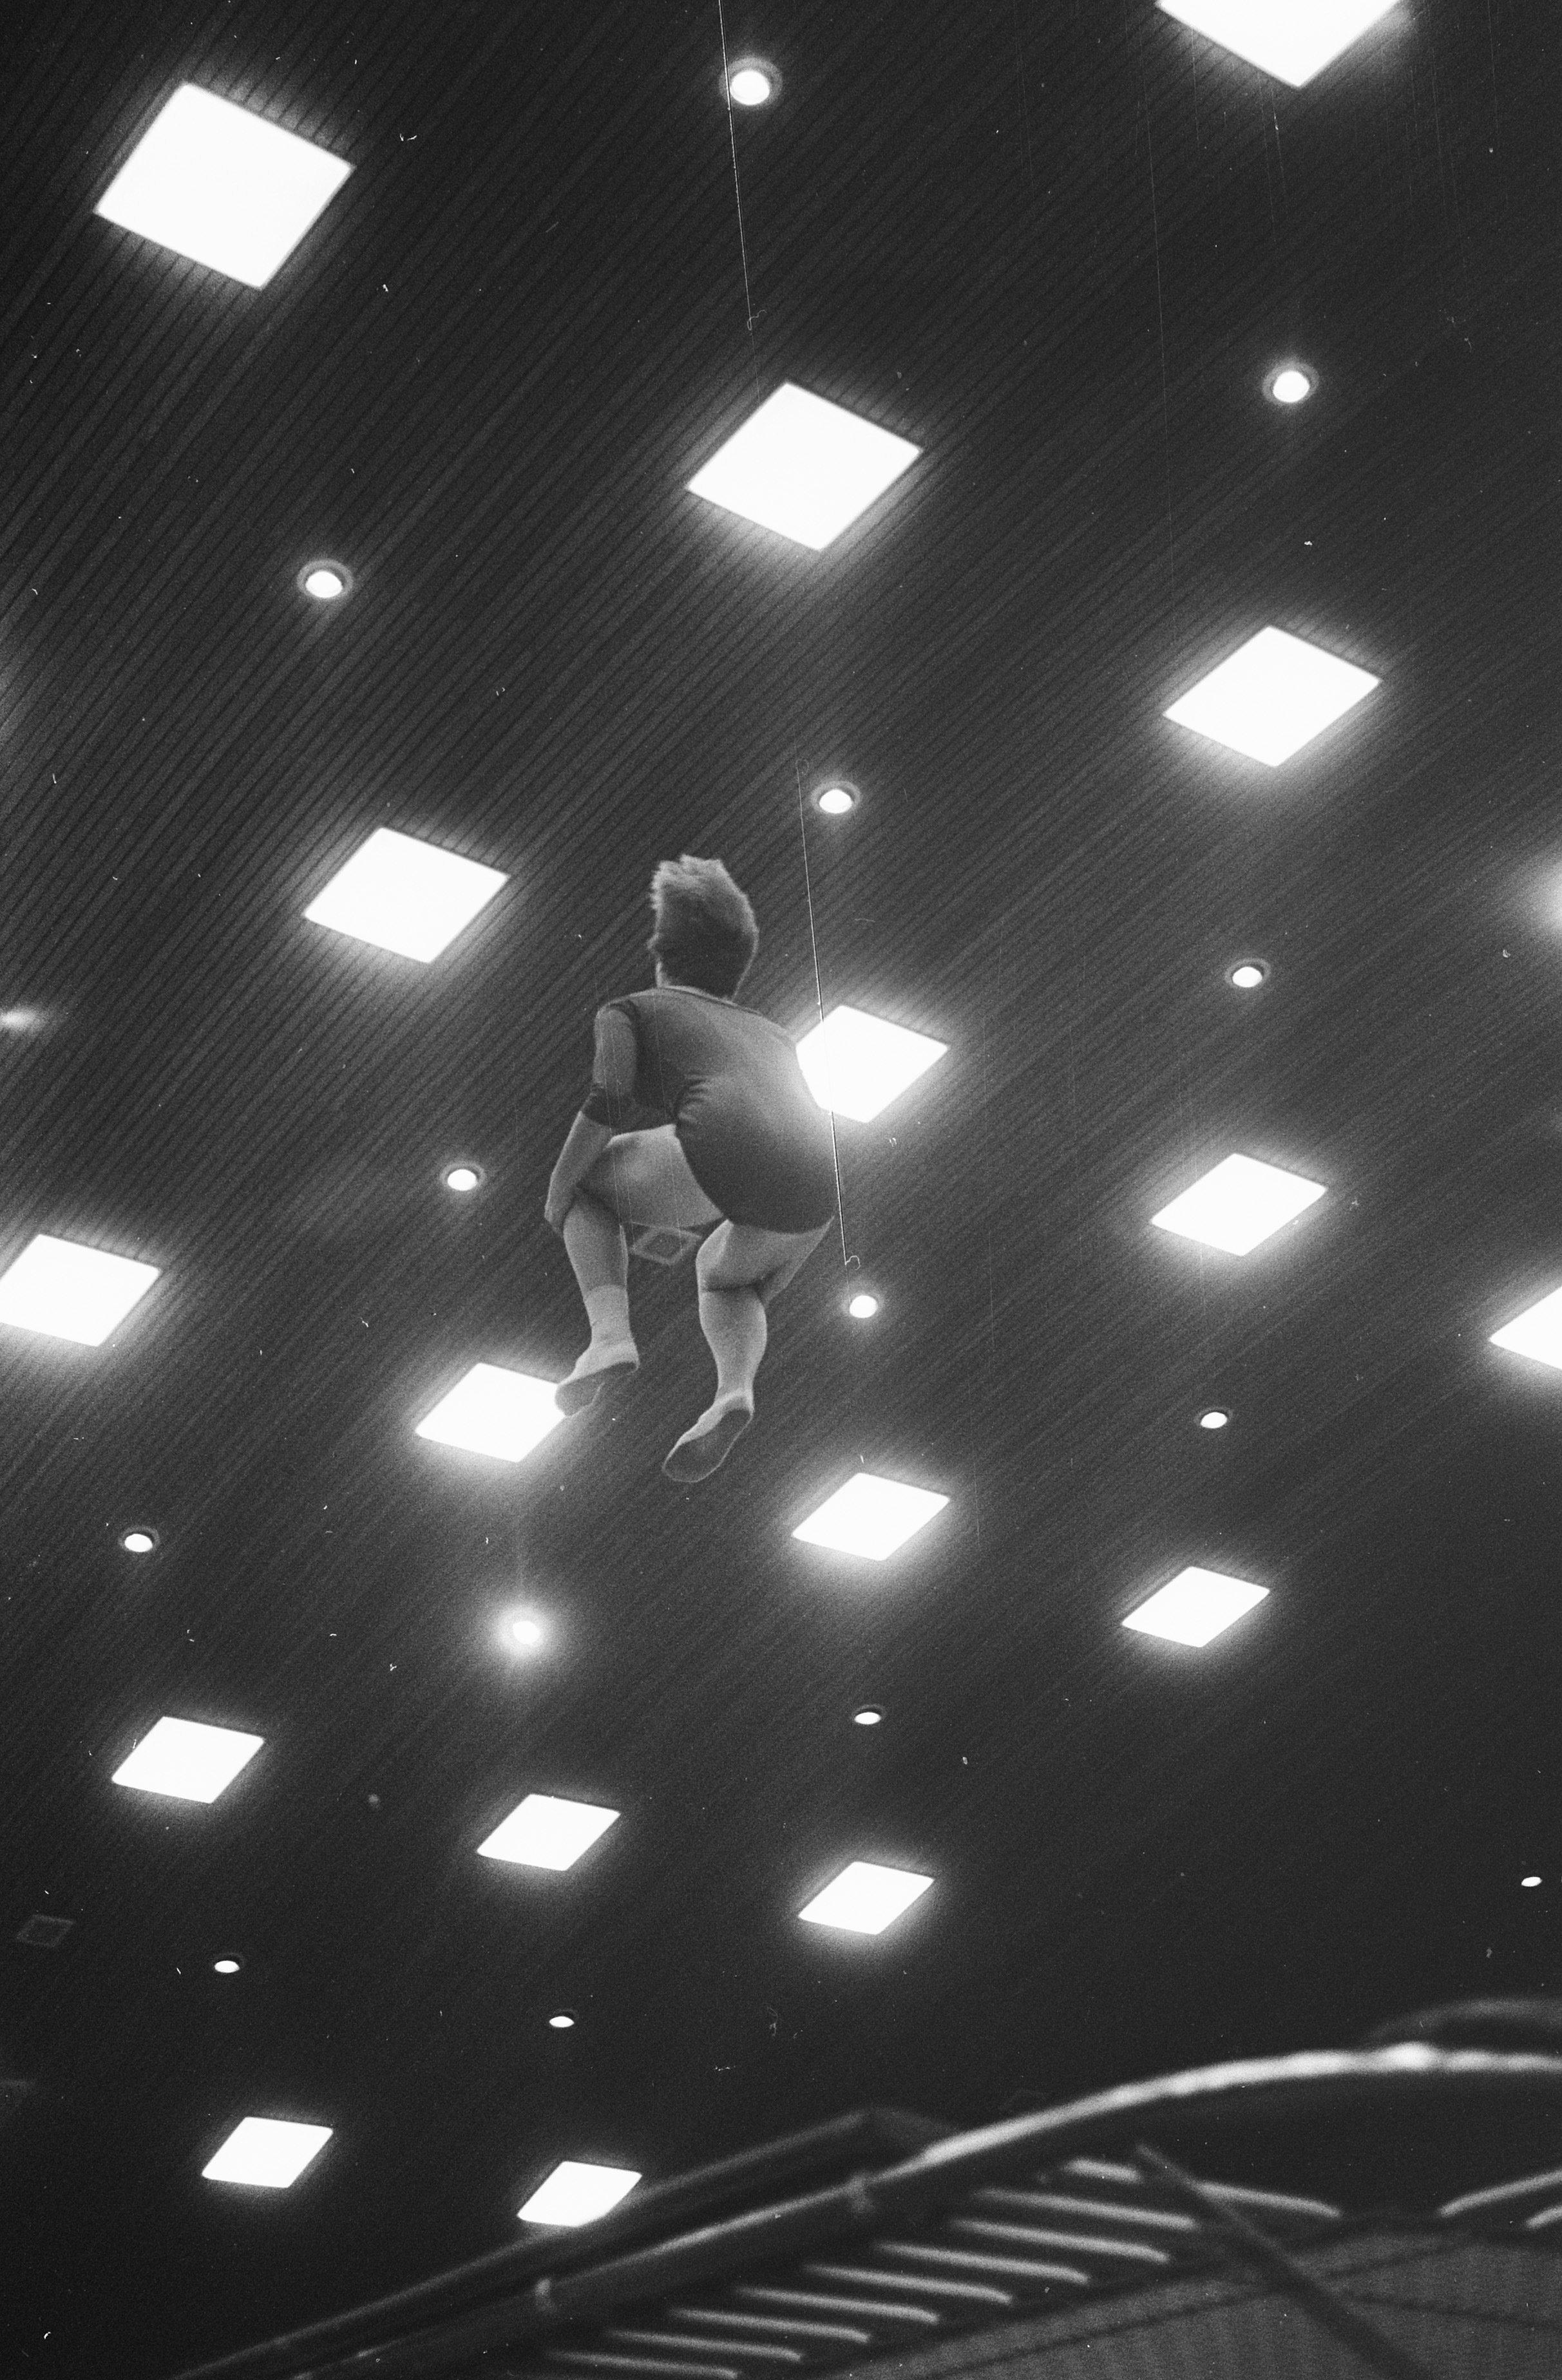 Wereldkampioenschappen trampoline-springen te Amersfoort aktie-opnamen, Bestanddeelnr 921-9039.jpg Nederlands: Collectie / Archief : Fotocollectie